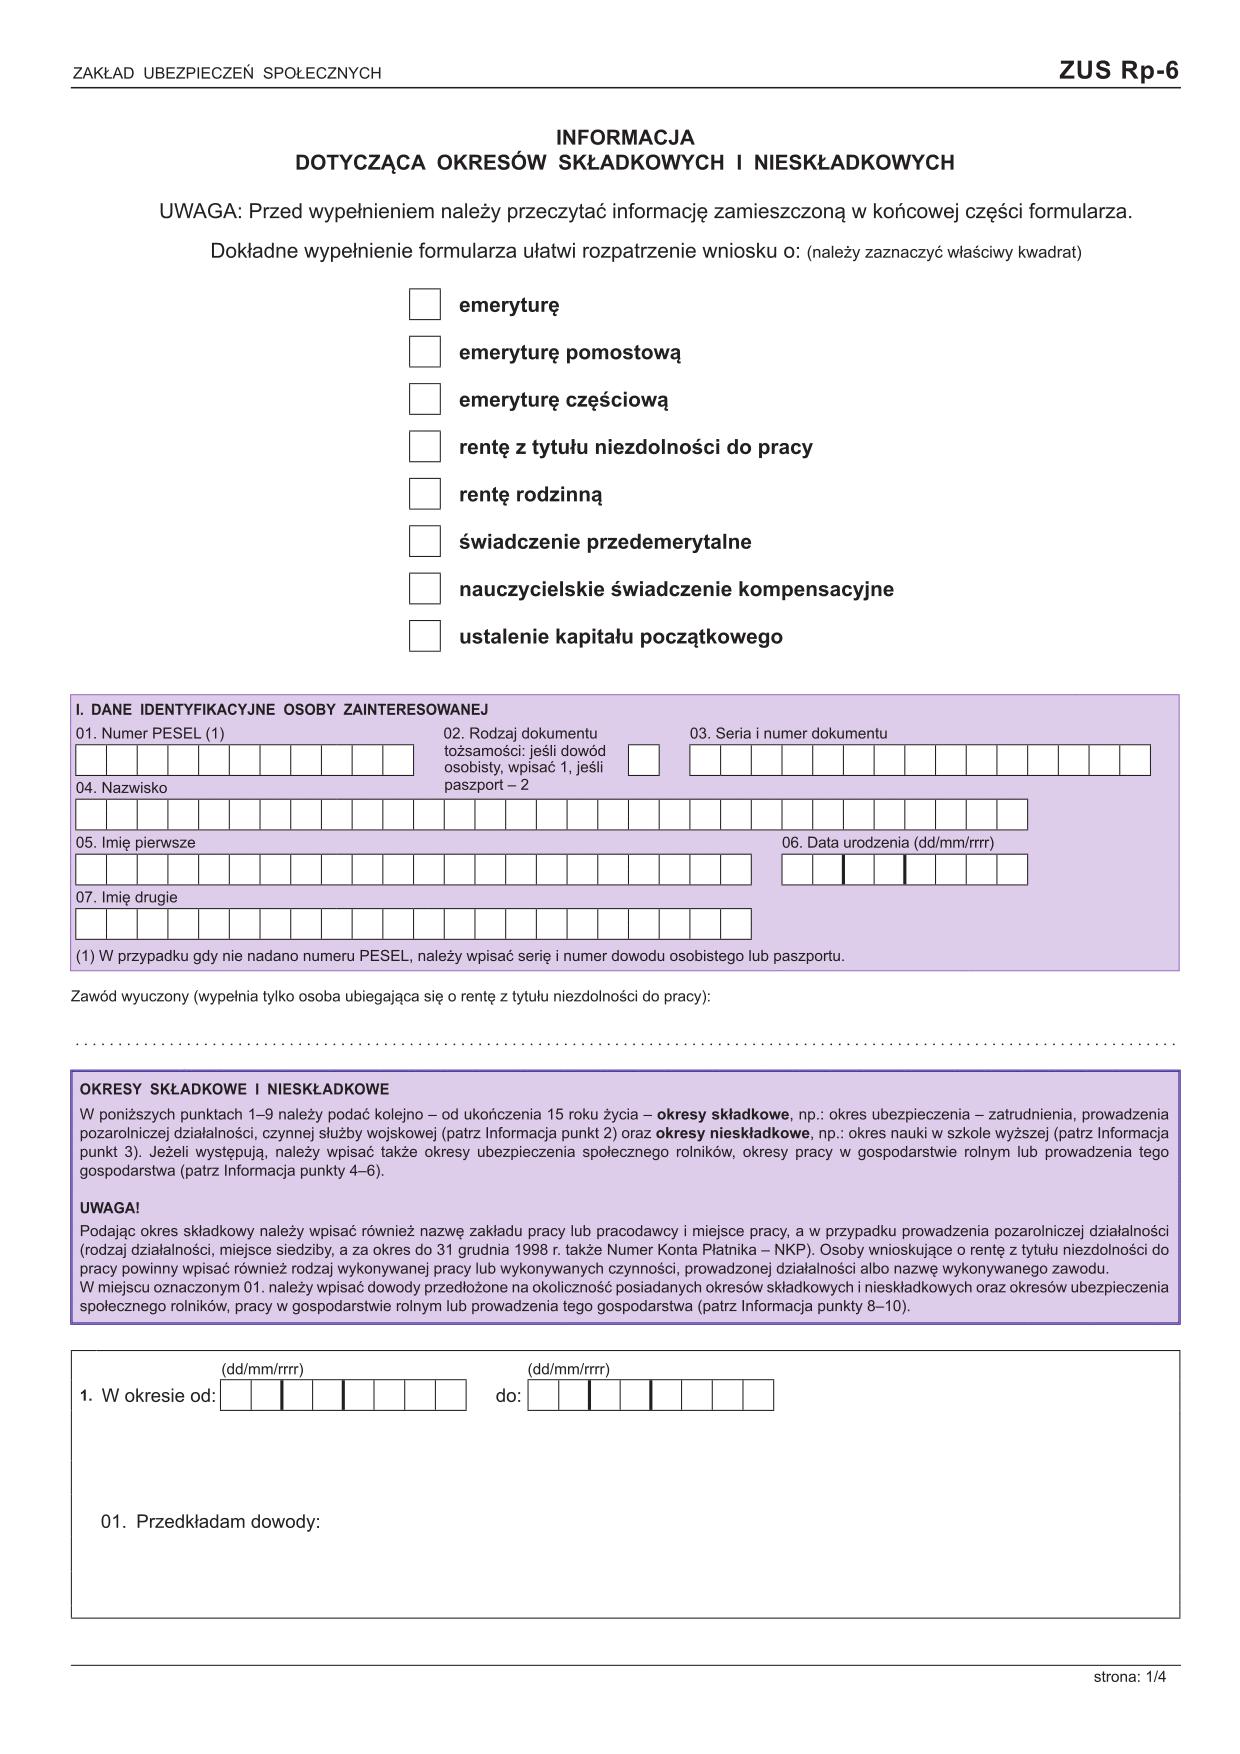 ZUS RP-6  Informacja dotycząca okresów składkowych i nieskładkowych